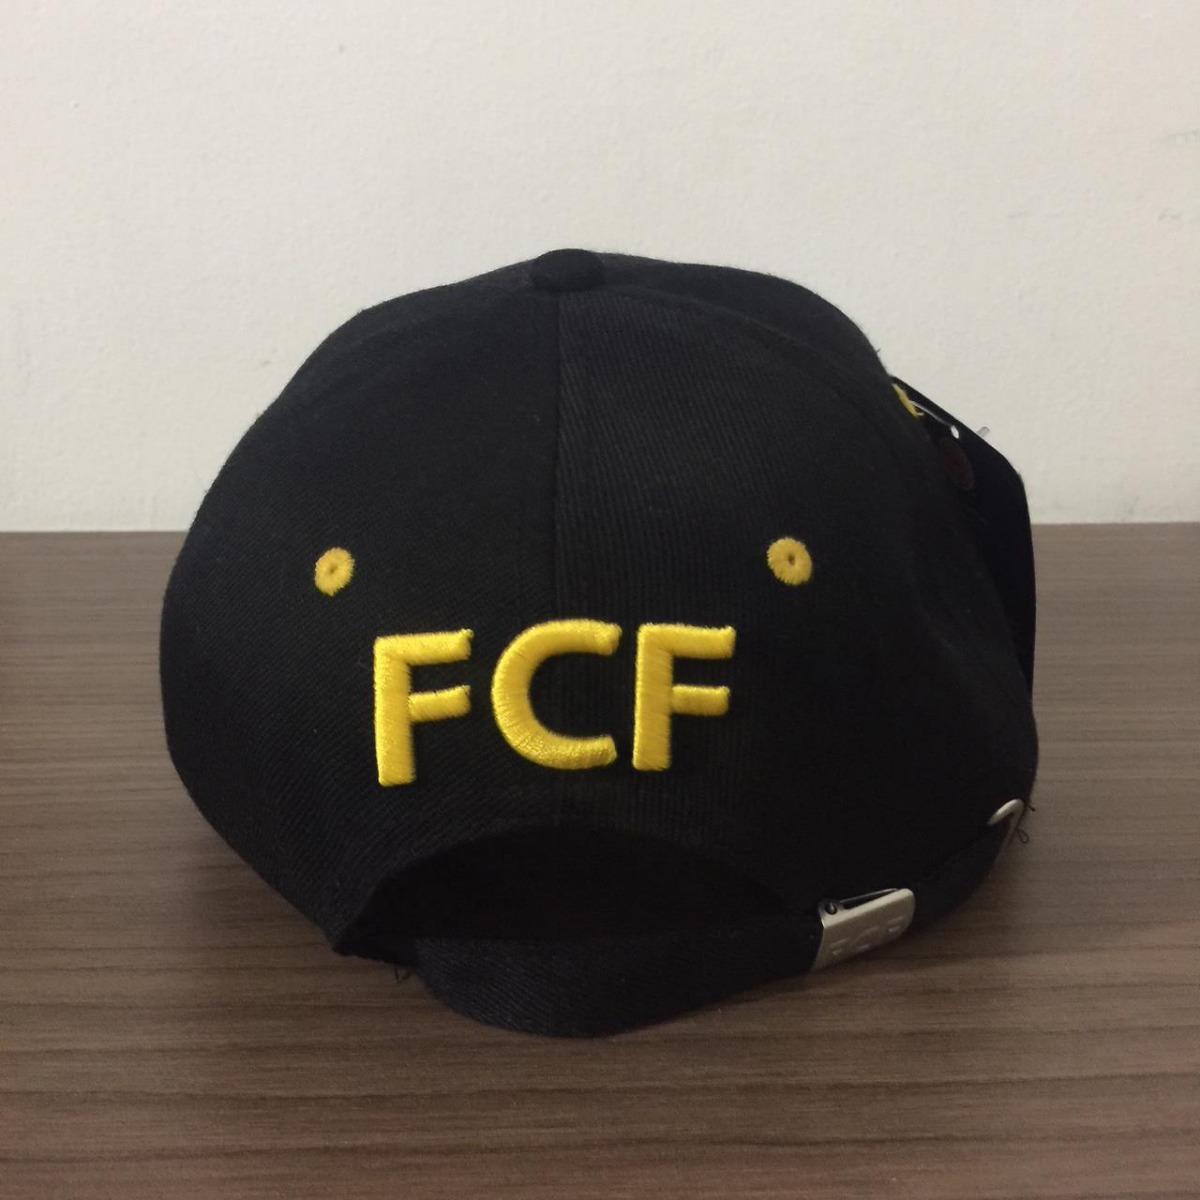 0a8ba6ca3dd0e Gorras oficiales selección colombiana de fútbol cargando zoom jpg 1200x1200 Rusia  2018 fútbol moda gorras colombiana